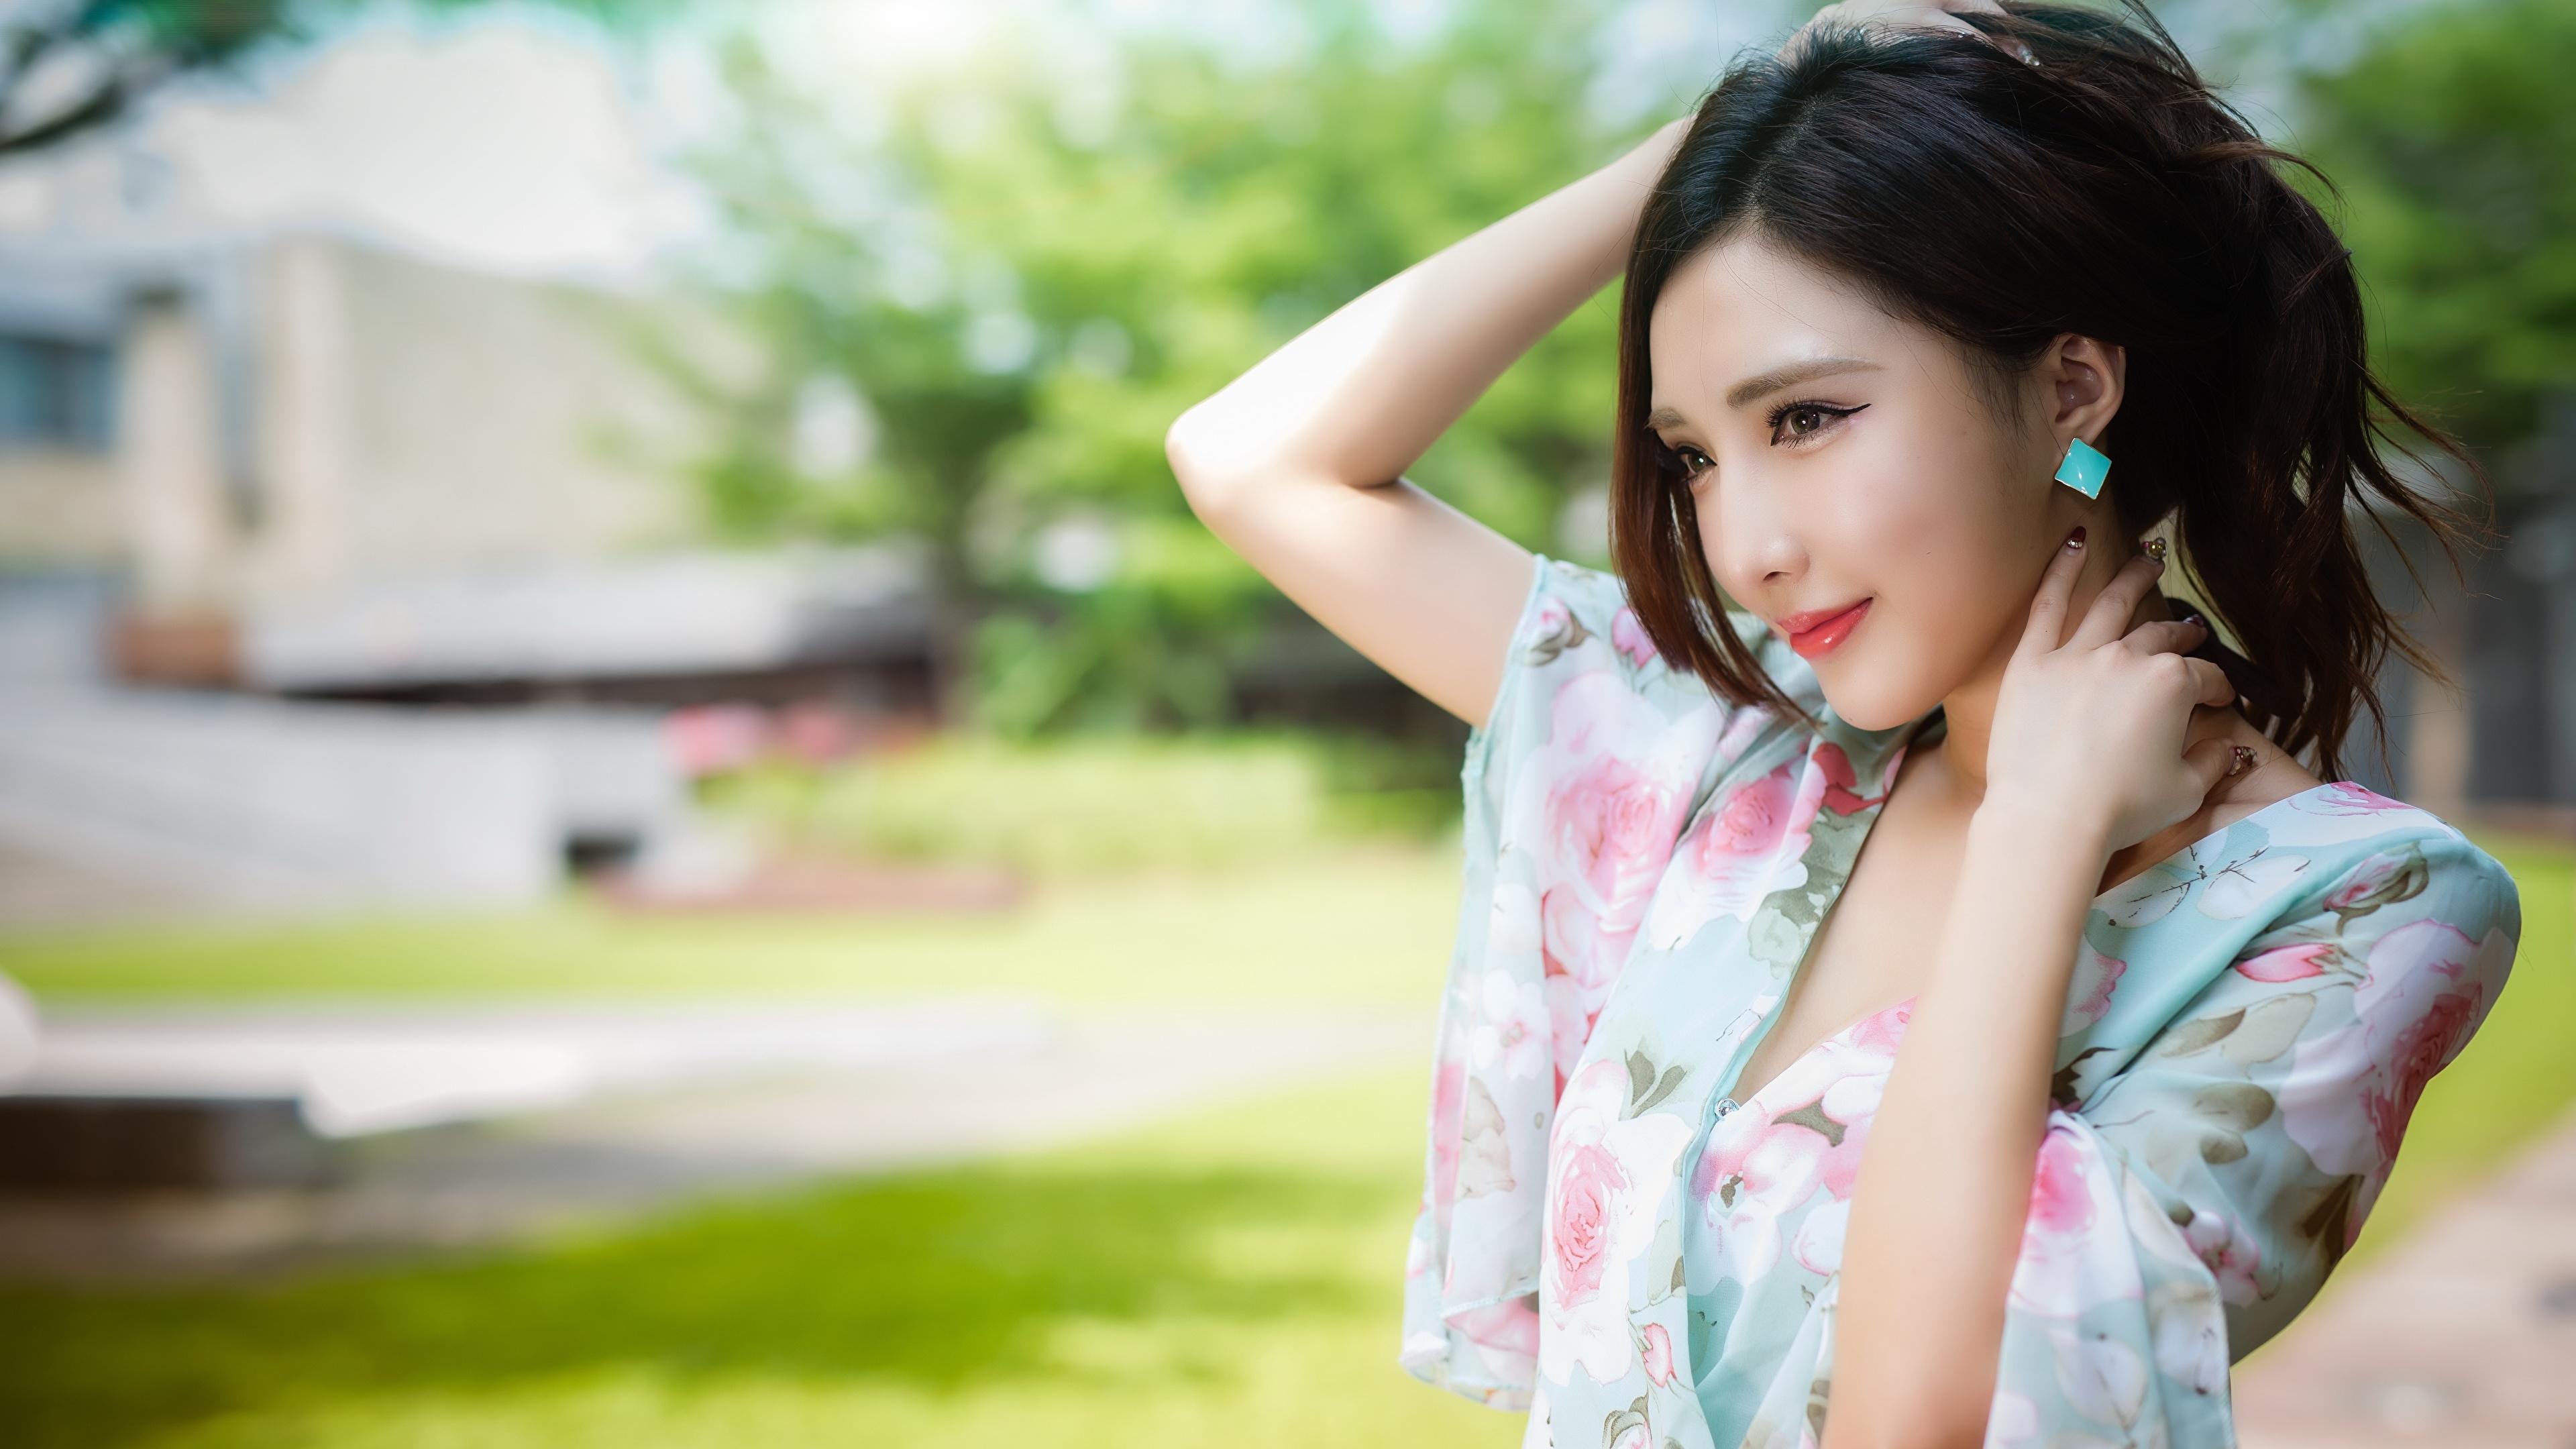 Картинка Брюнетка боке Поза Девушки азиатка рука смотрит 3840x2160 брюнеток брюнетки Размытый фон позирует девушка молодые женщины молодая женщина Азиаты азиатки Руки Взгляд смотрят